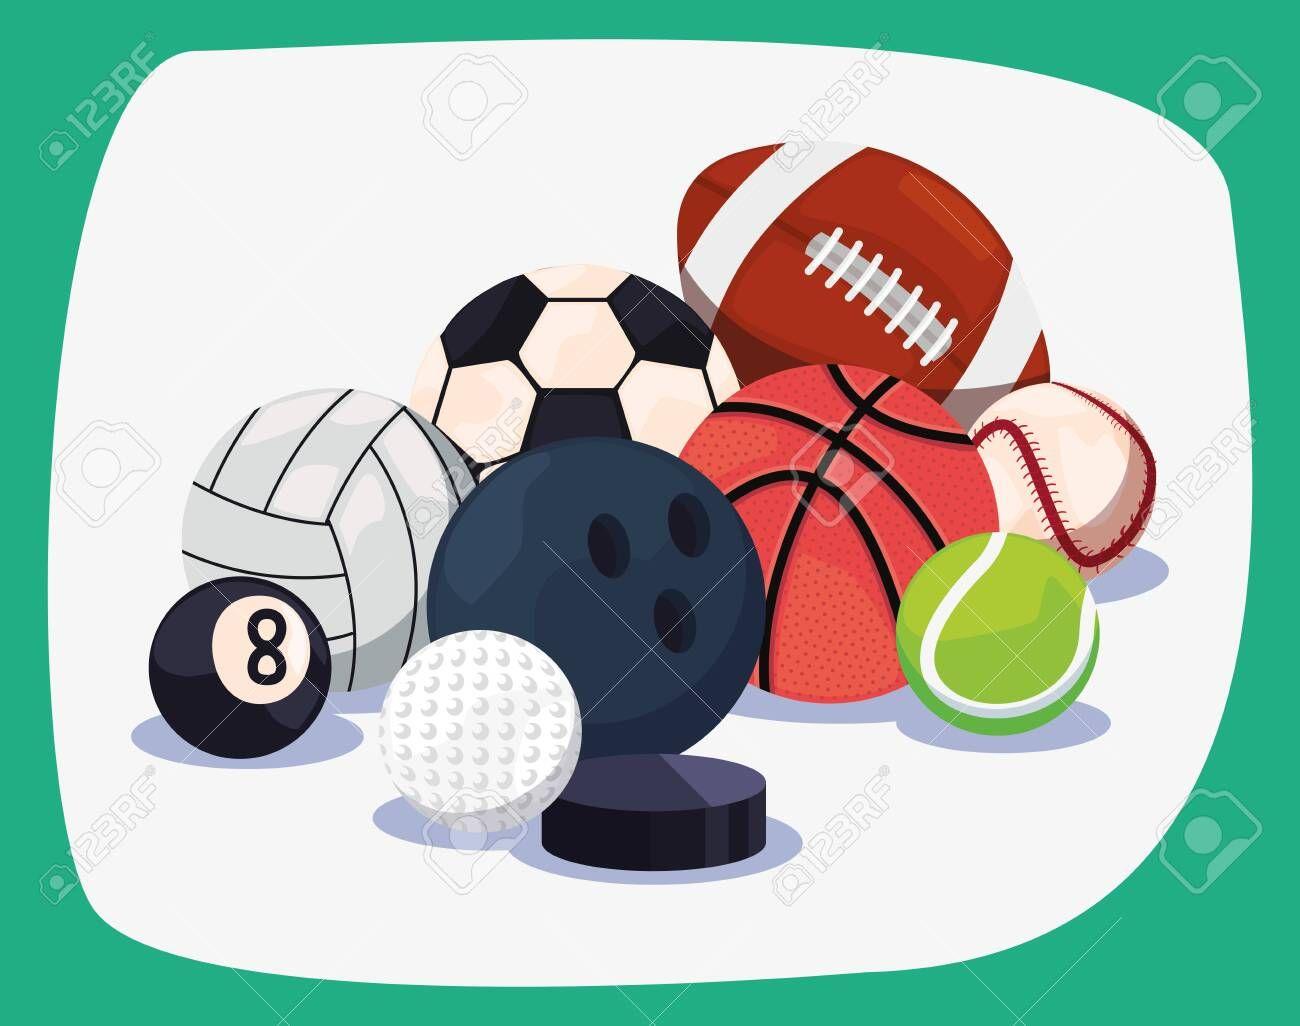 Volleyball Bowling Baseball Billiard Basketball Rugby Tennis Golf Soccer Sport Balls Equipment Vector Illustration In 2020 Sport Soccer Sports Balls Social Media Logos